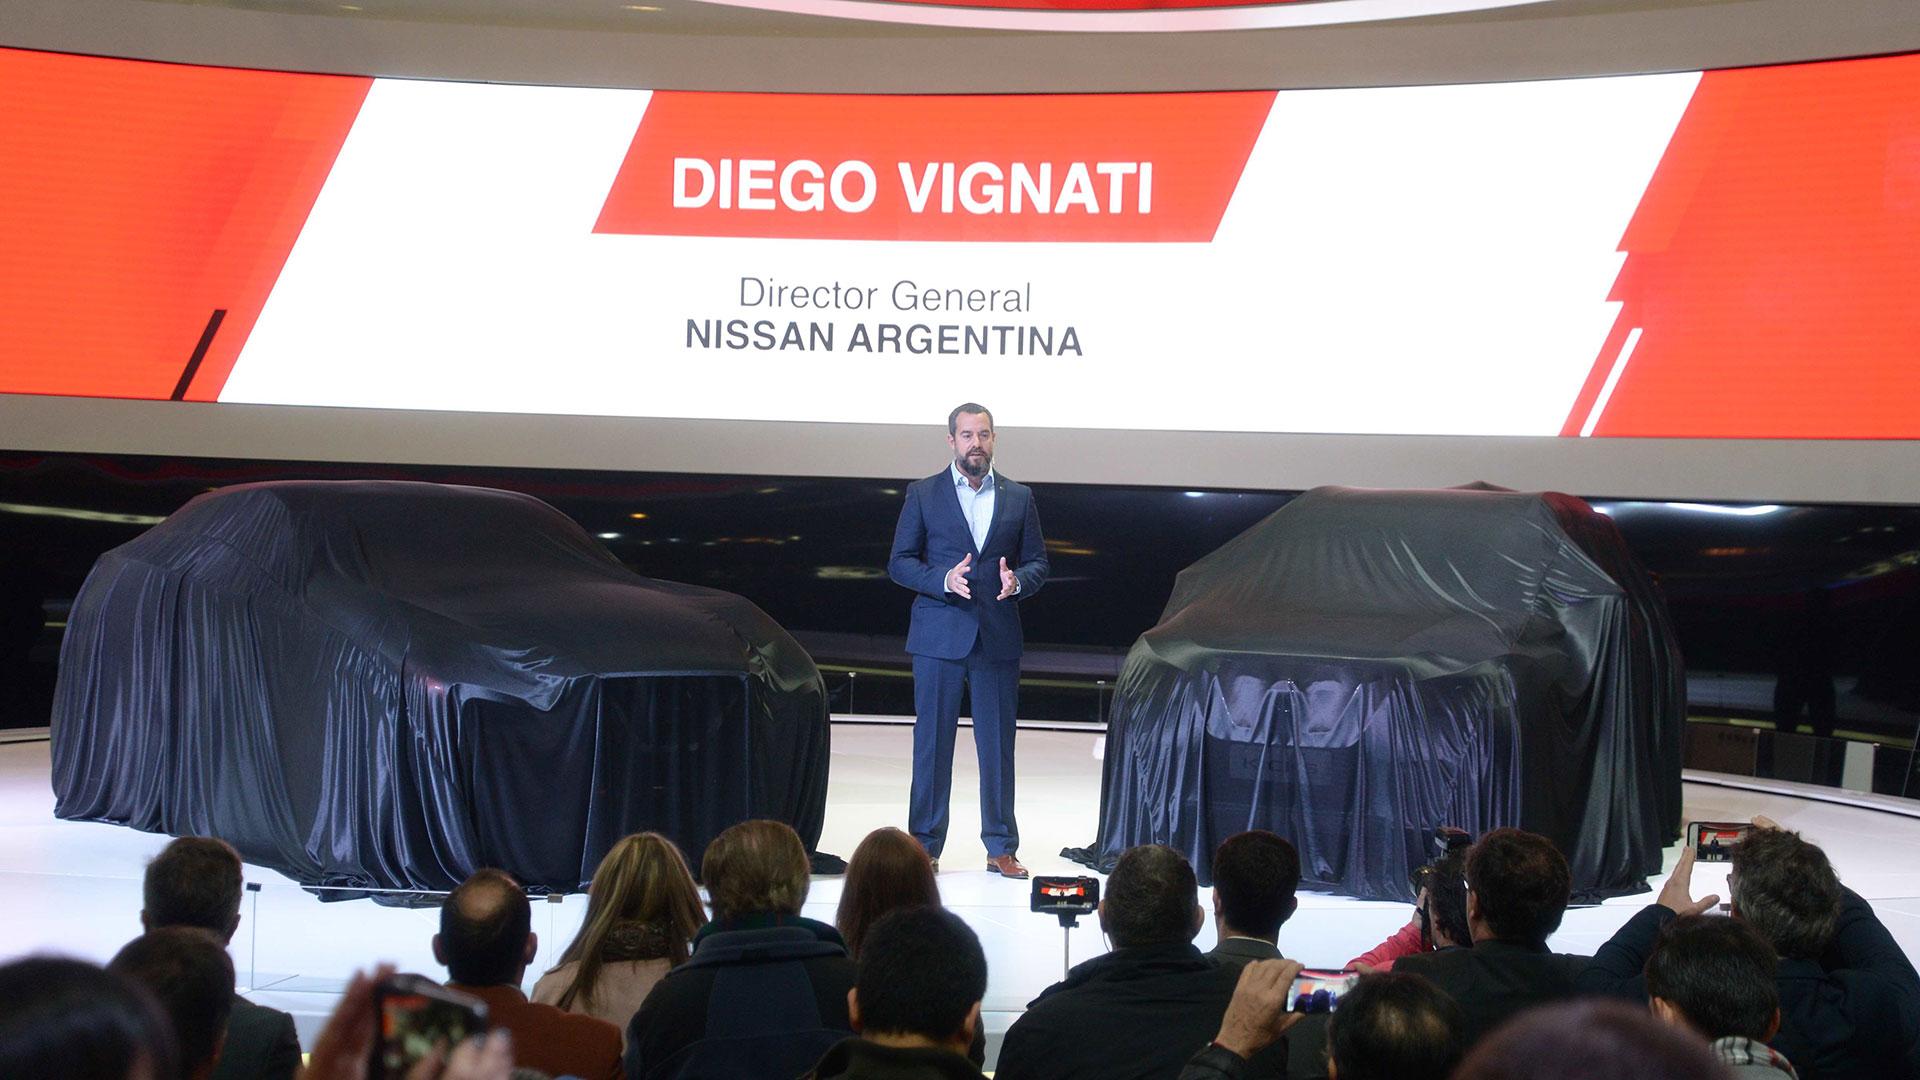 Diego Vignati, Director General de Nissan Argentina durante la conferencia de prensa de la marca el pasado 9 de junio